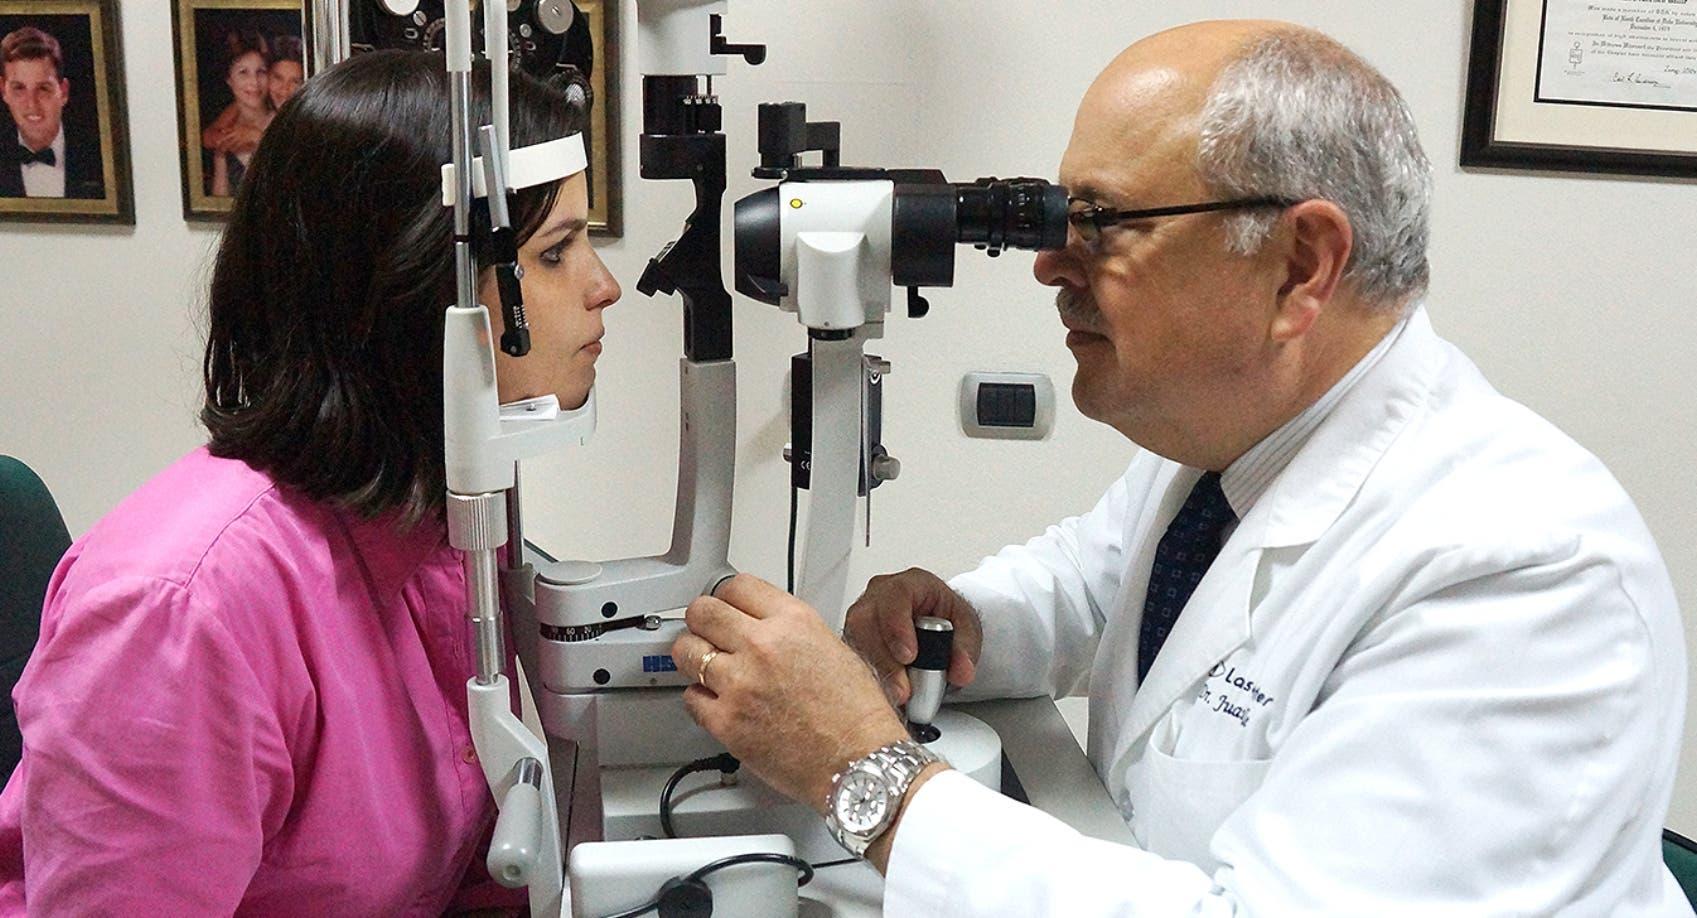 El glaucoma puede afectar a las personas de todas las edades,  siendo los mayores de  60 años los que tienen más  riesgo.